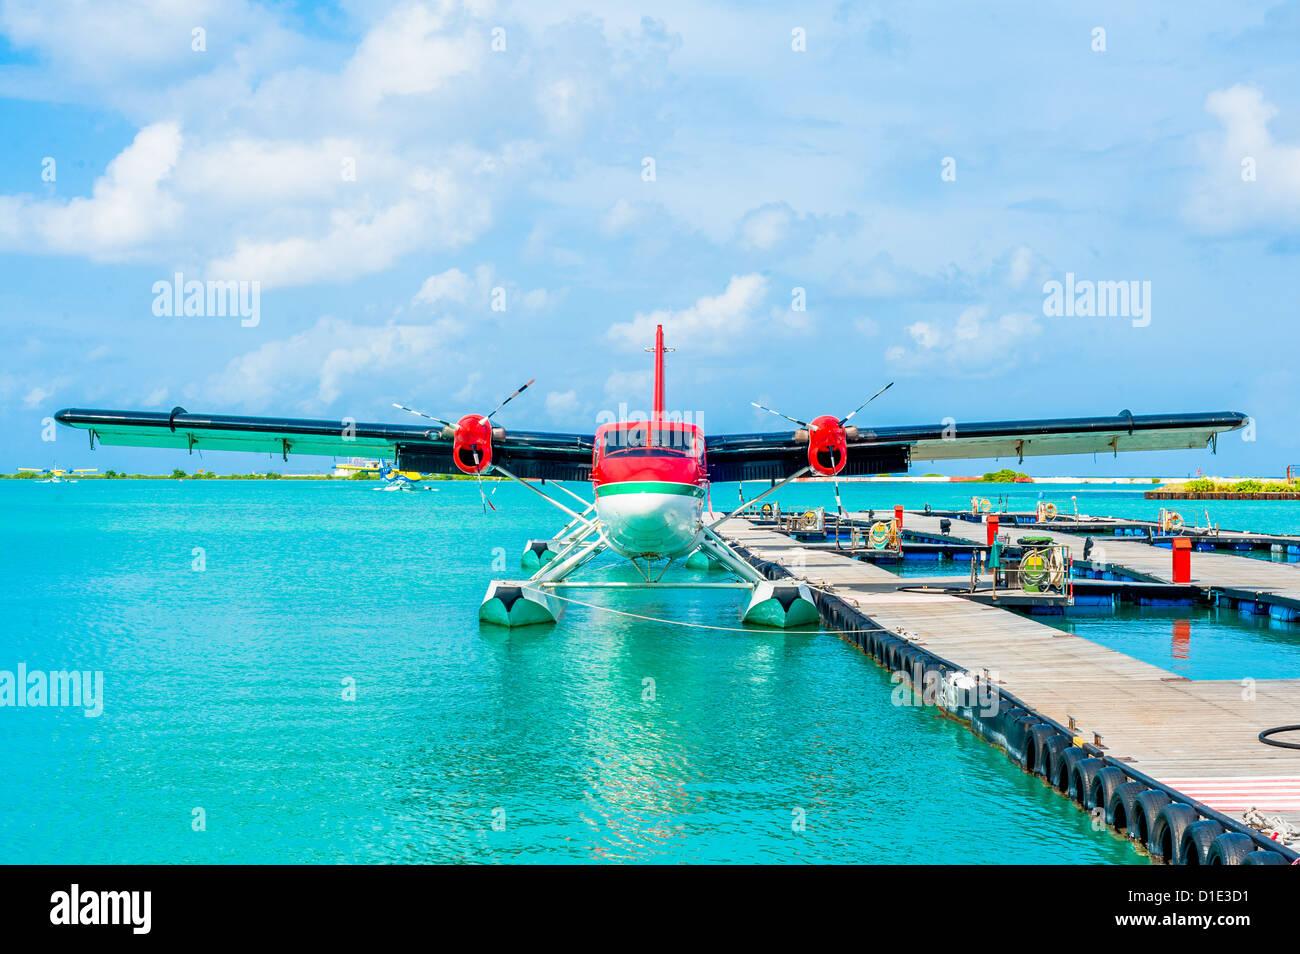 Aeroporto Male Maldive : Idrovolante all aeroporto di male maldives foto immagine stock